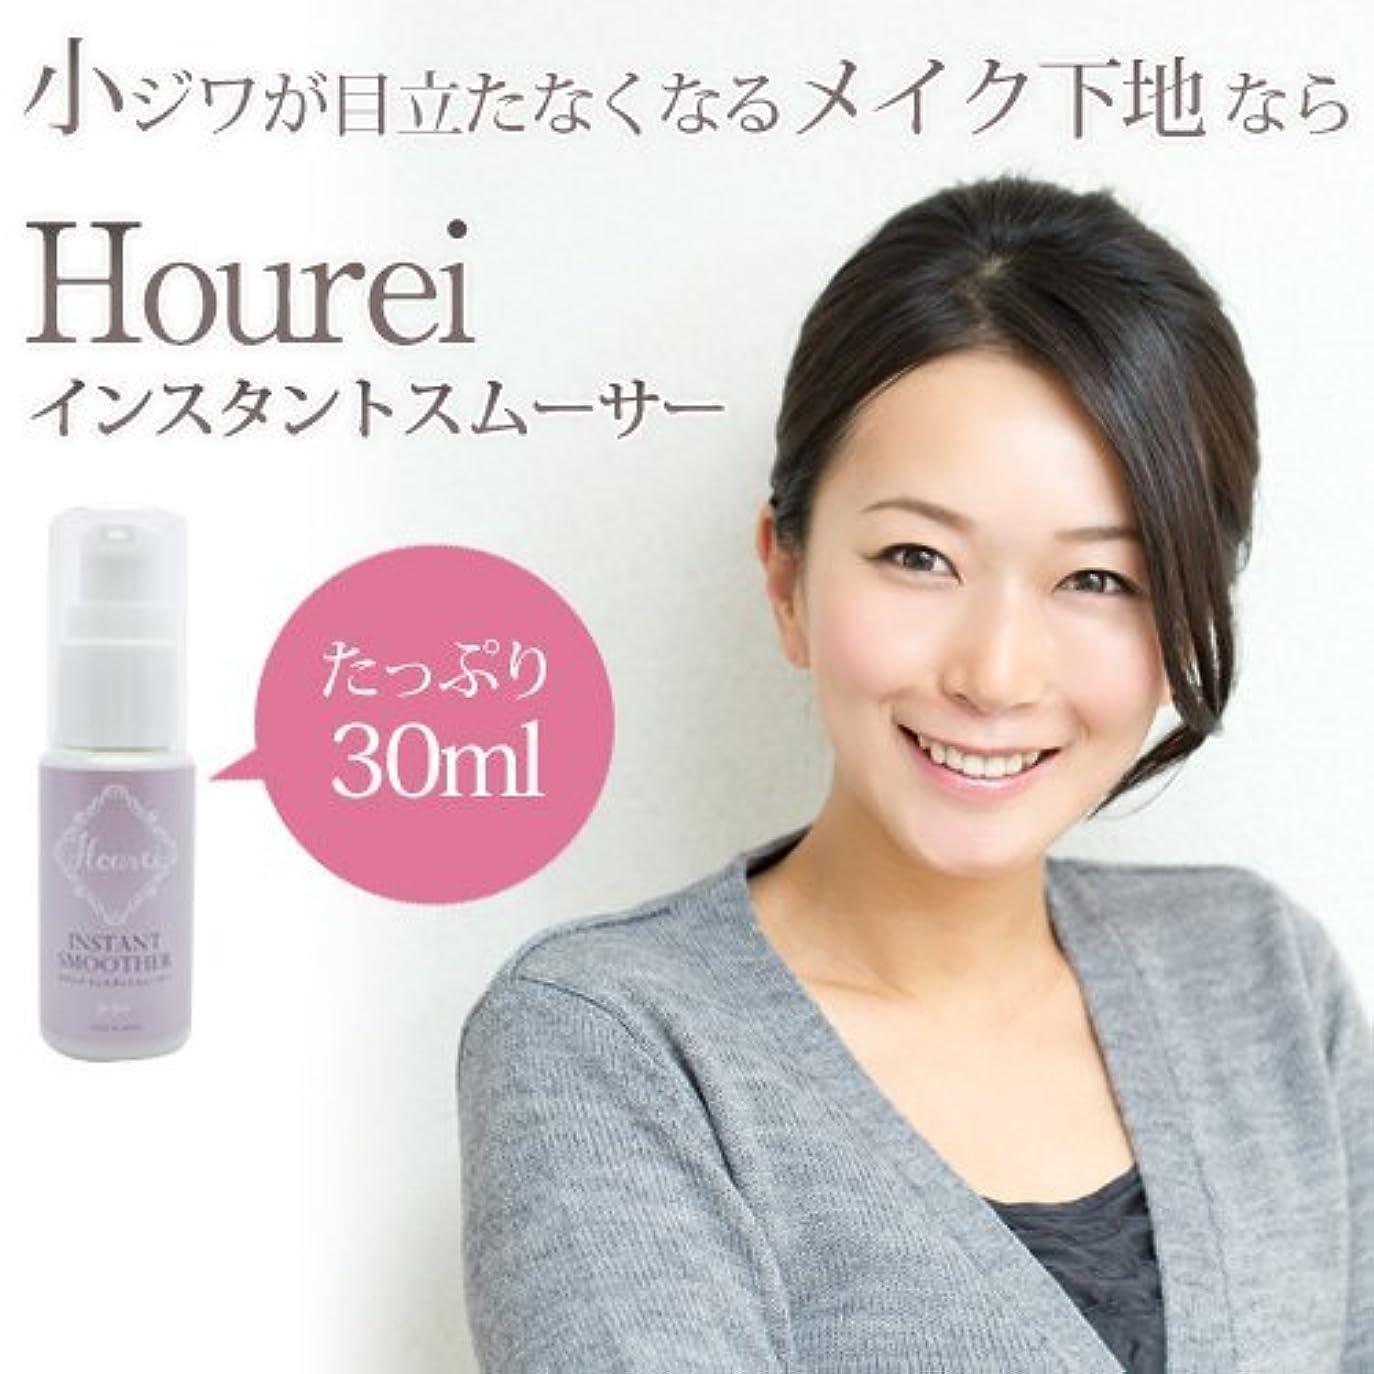 医療のオーガニック意見Hourei(ホウレイ) インスタントスムーサー30ml